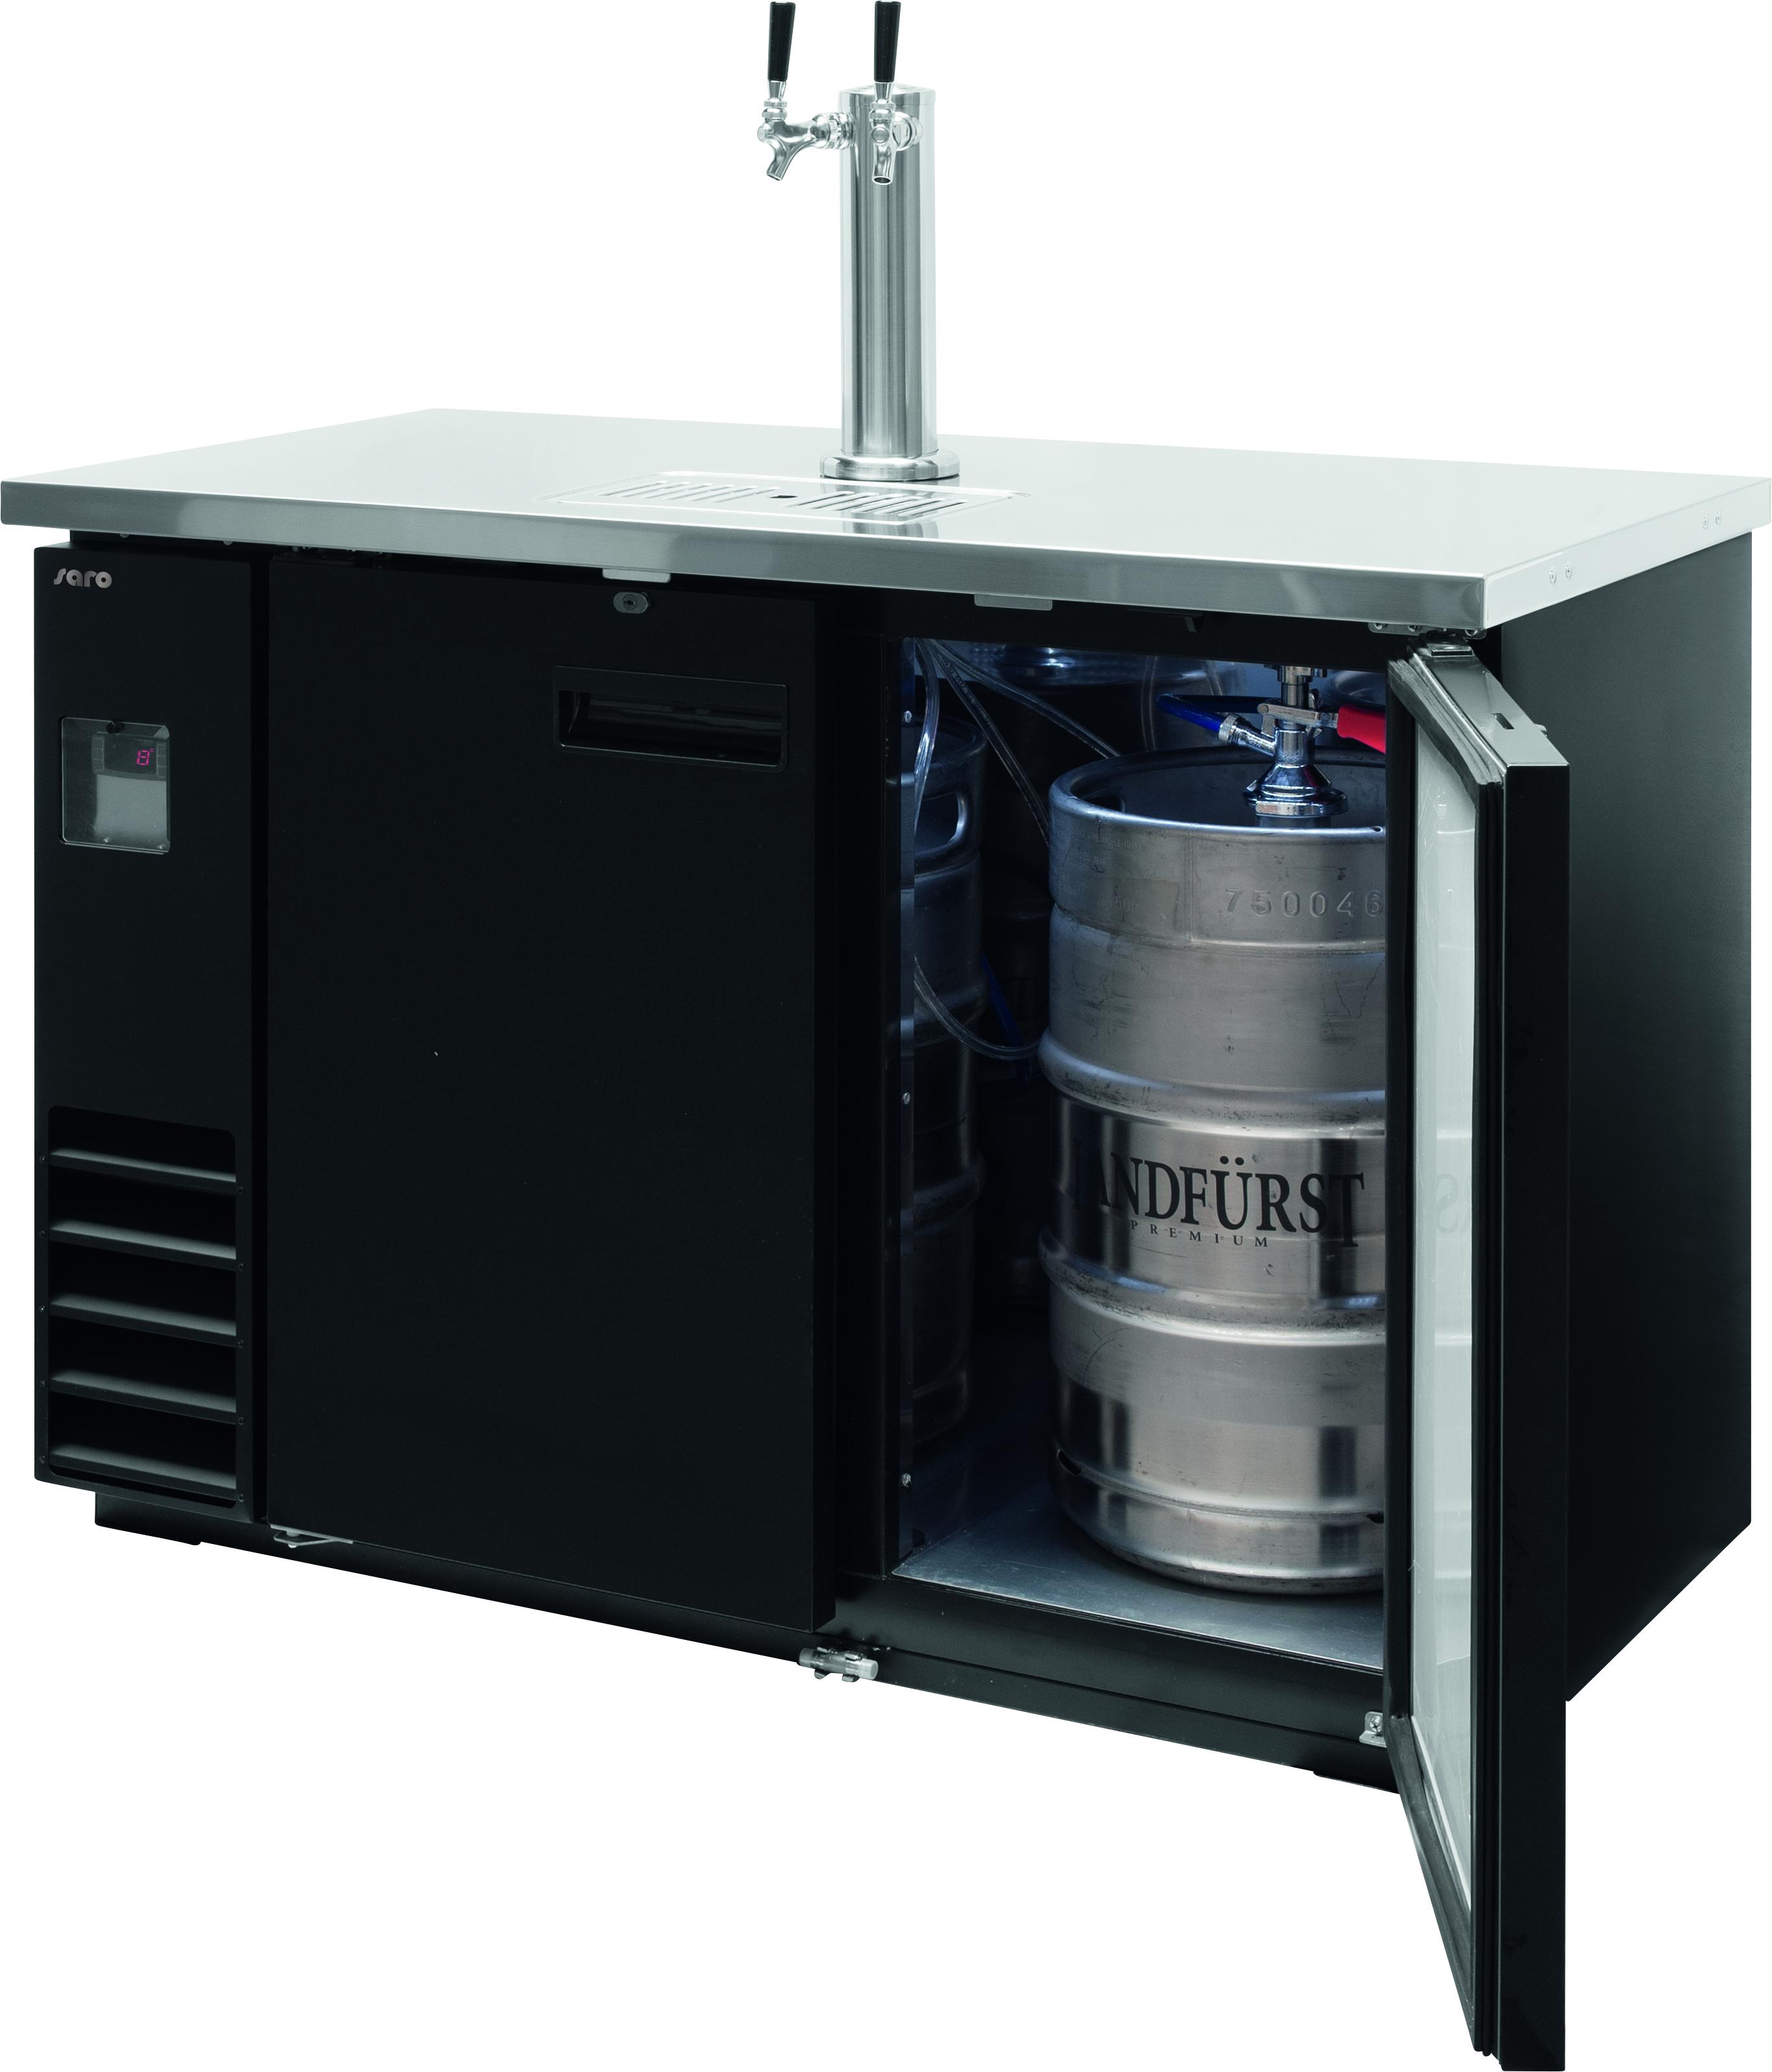 Ventilated Draft Beer Dispenser Model Za 48 Saro